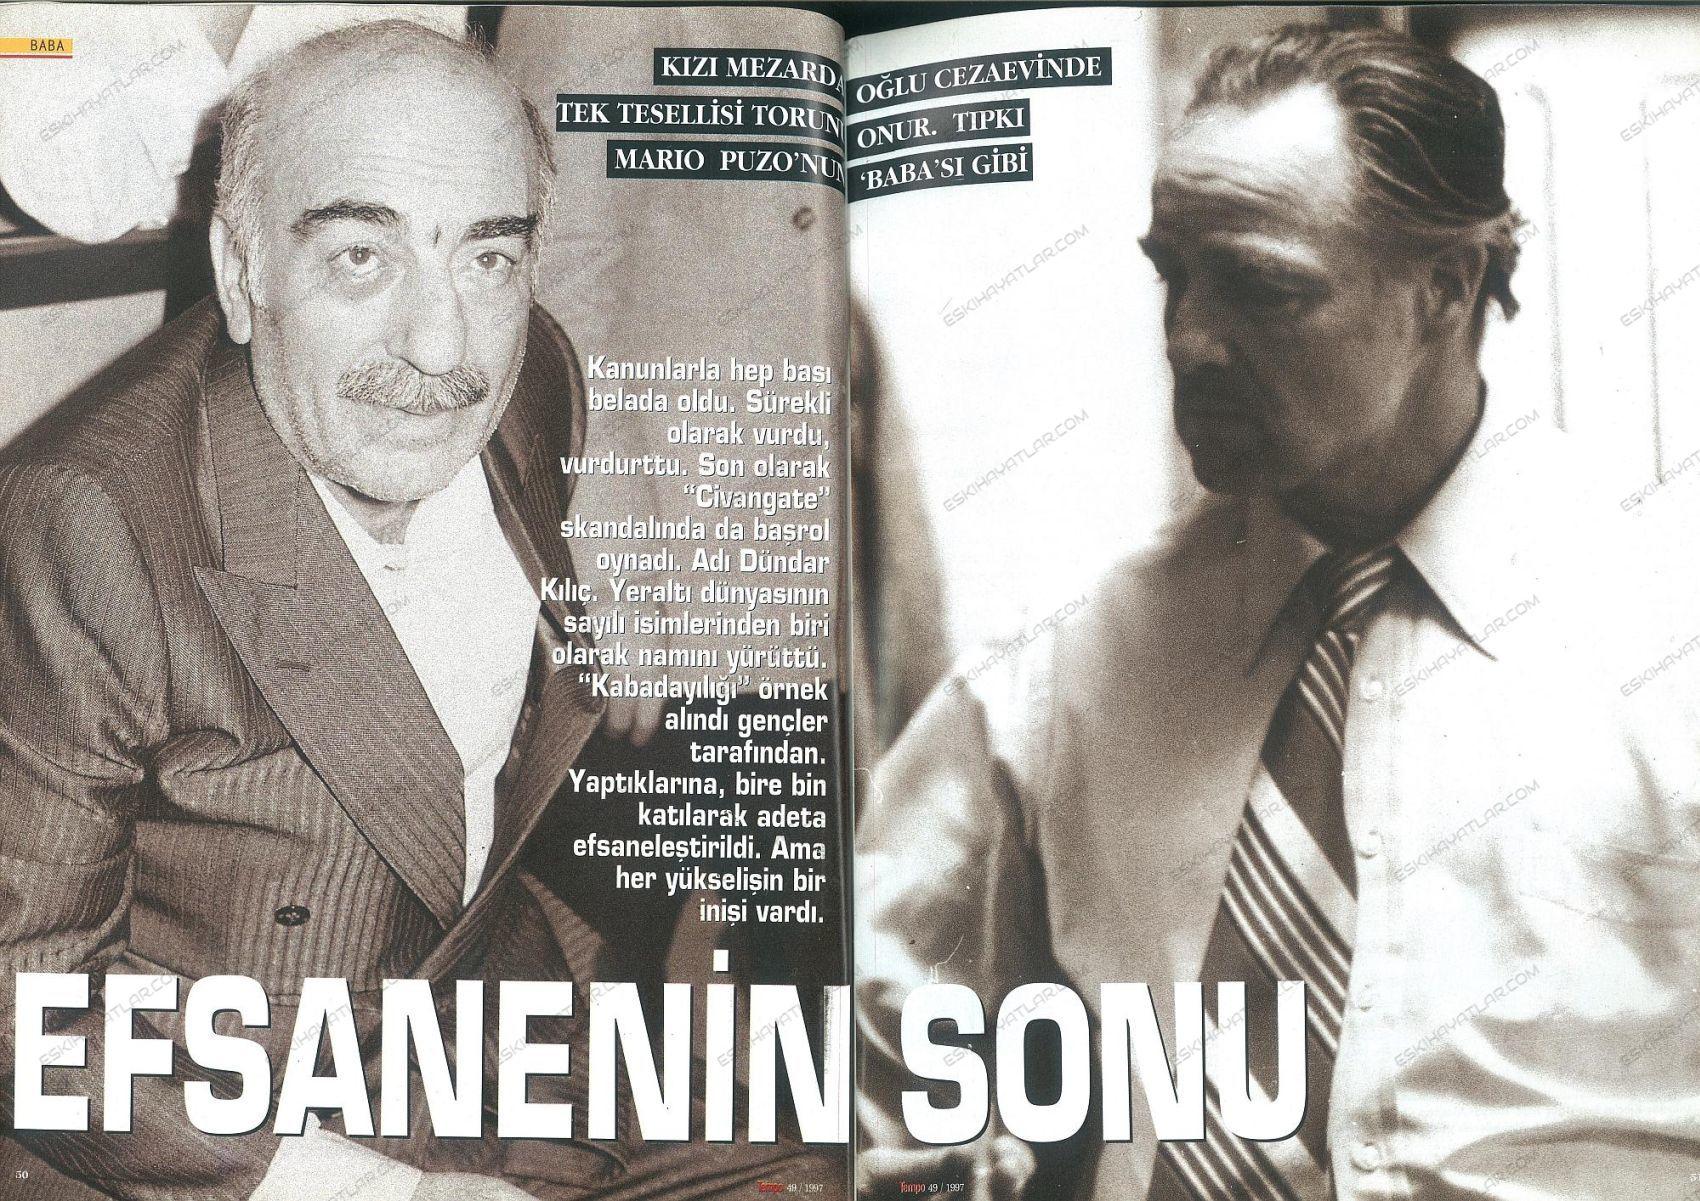 0363-dundar-kilic-1997-tempo-dergisi-ugur-kilic-alaattin-cakici-onur-ozbizerdik (6)